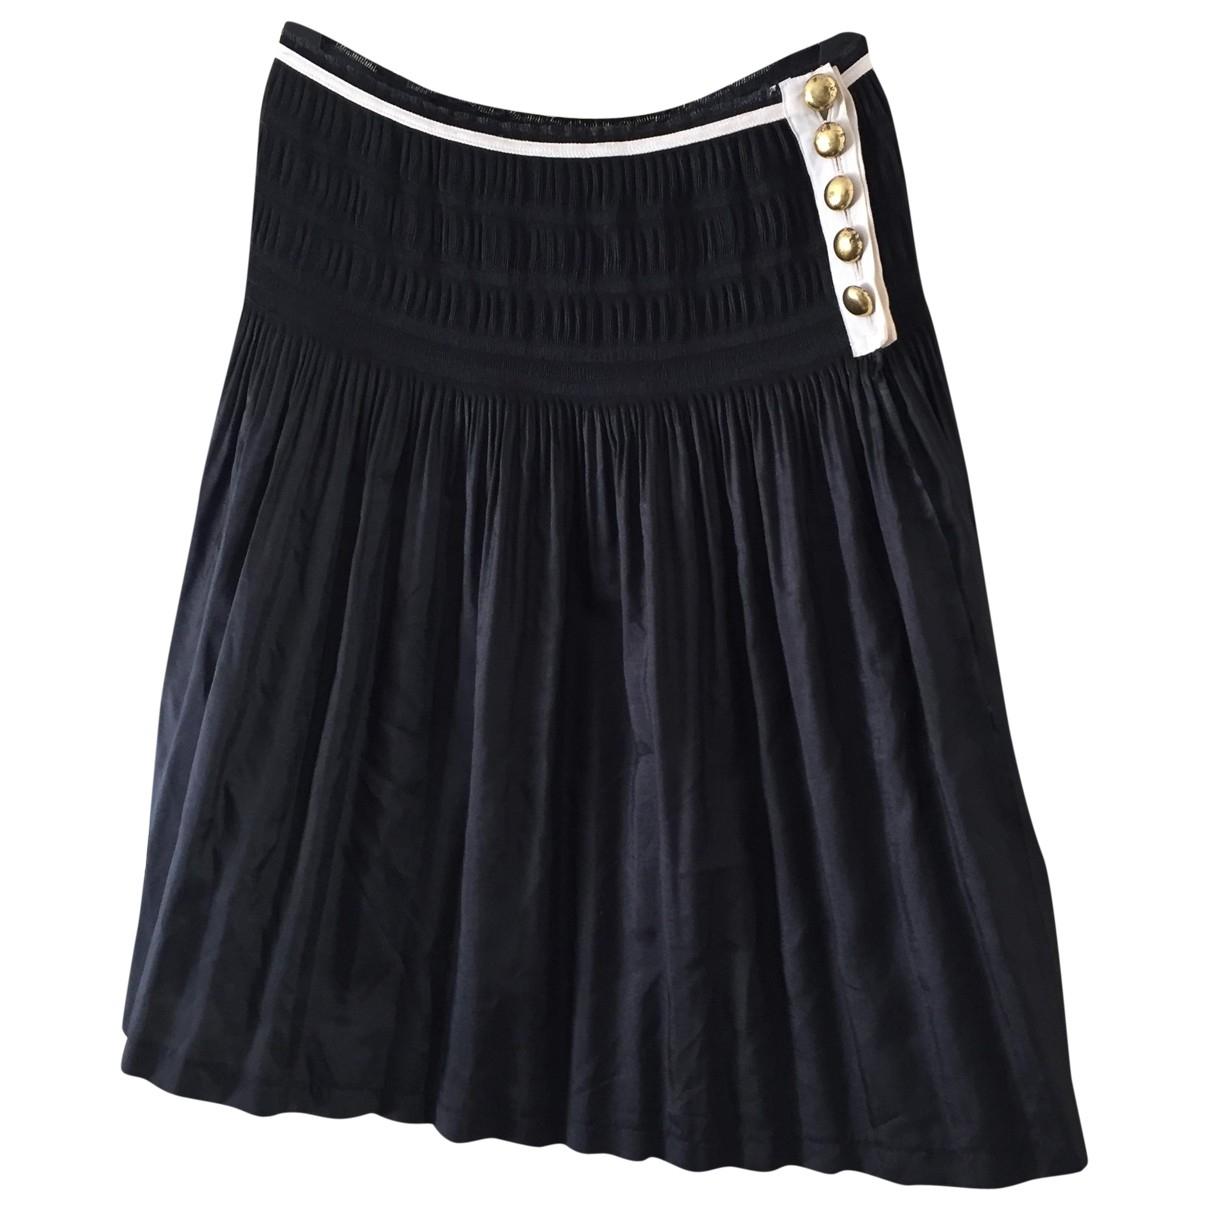 Comme Des Garcons \N Black skirt for Women M International